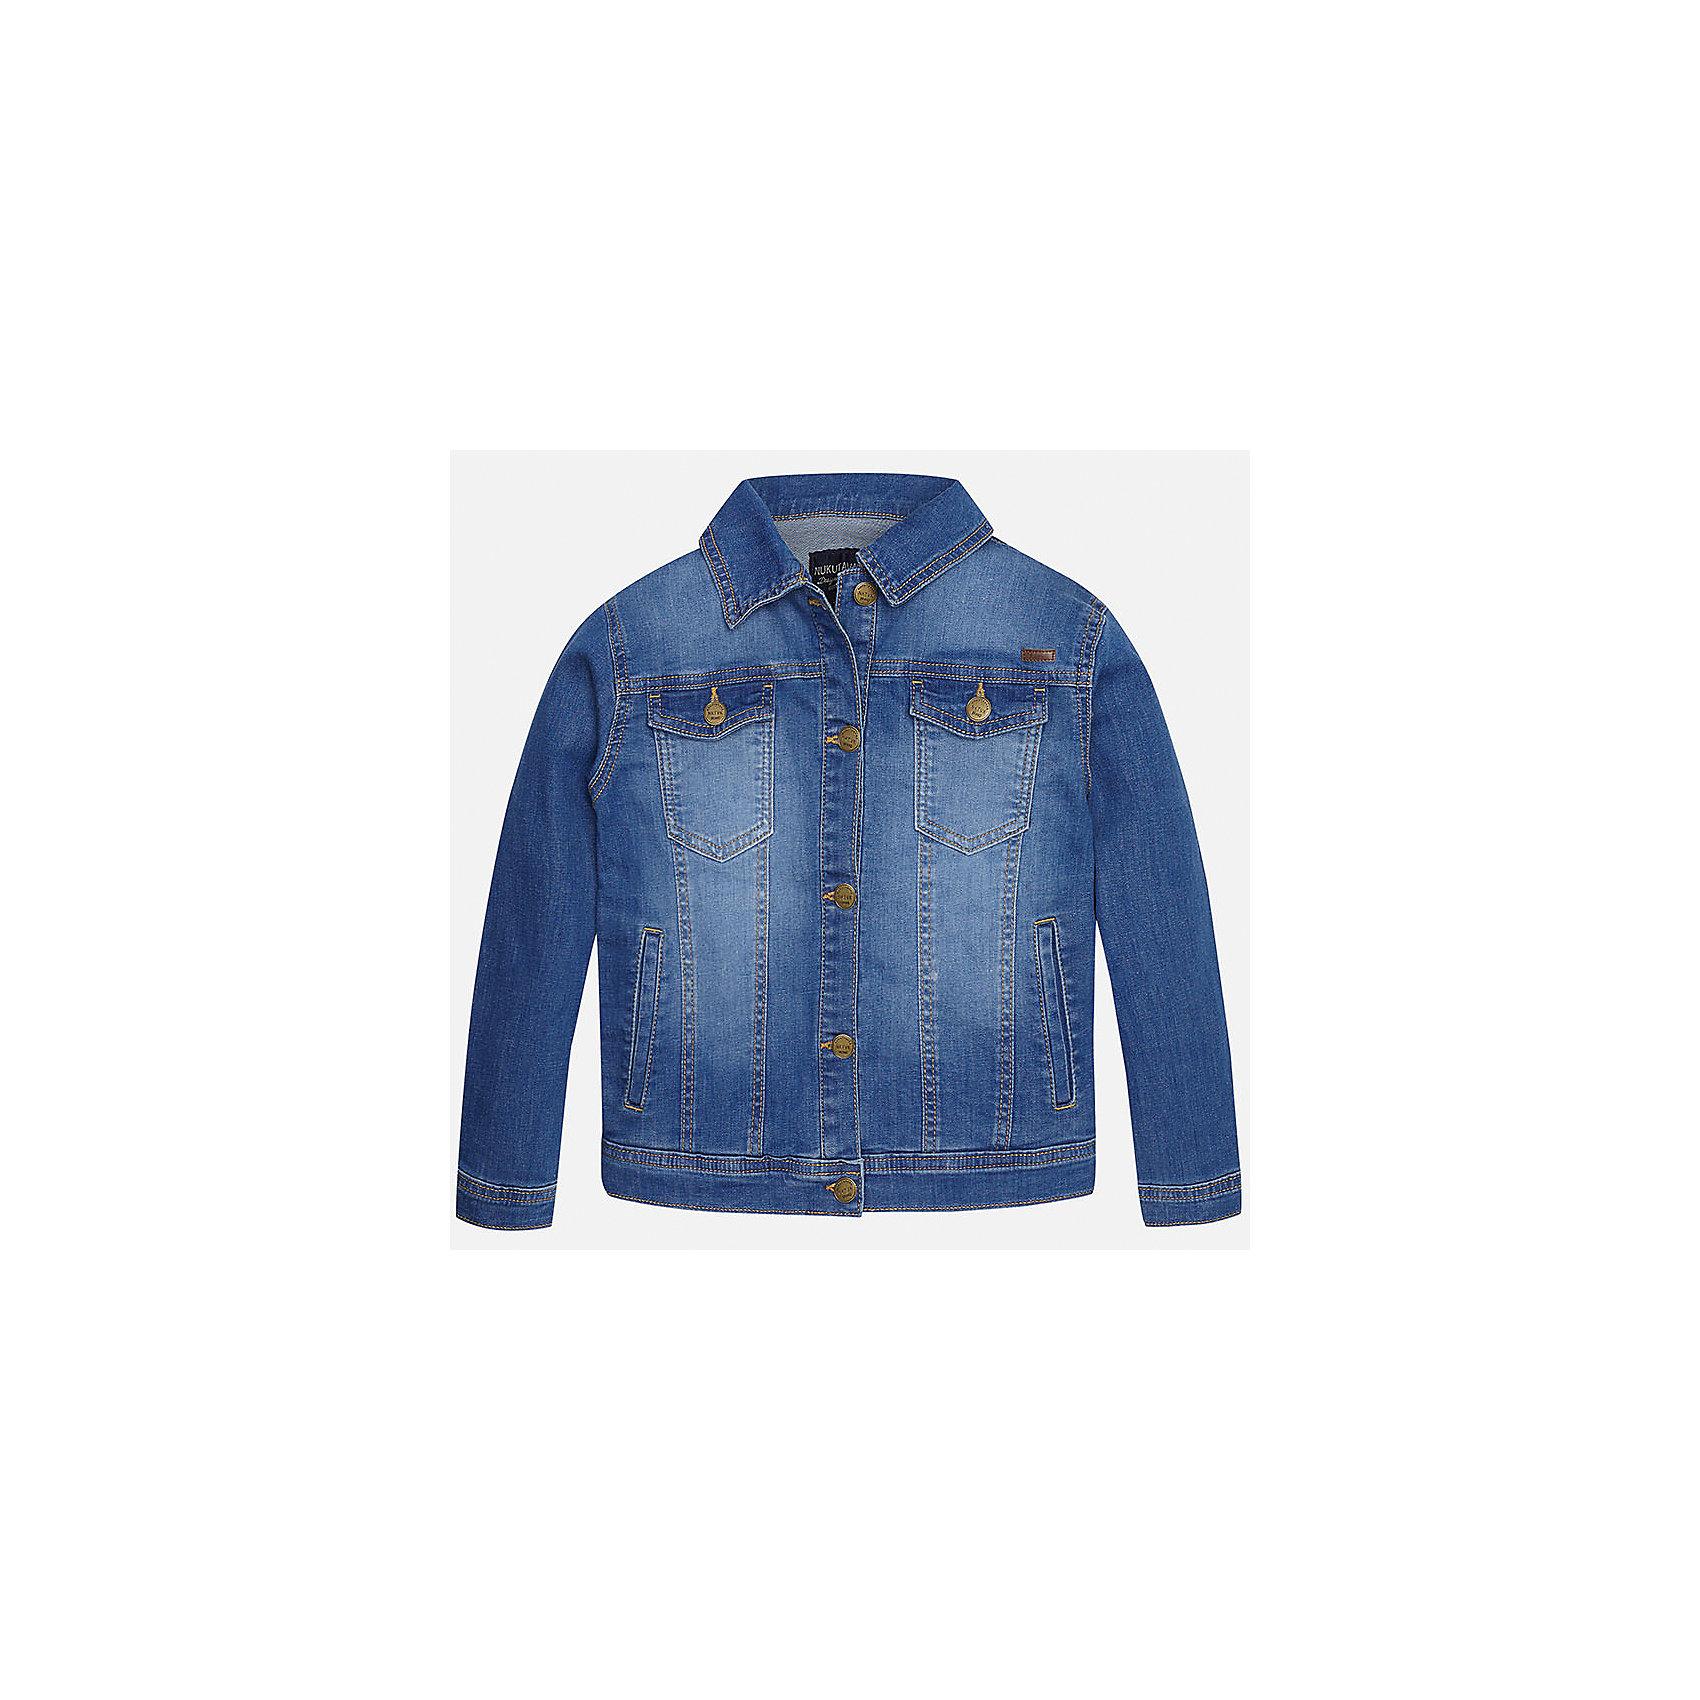 Куртка джинсовая для мальчика MayoralХарактеристики товара:<br><br>• цвет: голубой<br>• состав: 97% хлопок, 3% эластан<br>• отложной воротник<br>• карманы<br>• застежка: пуговицы<br>• эффект потертостей<br>• страна бренда: Испания<br><br>Джинсовая куртка для мальчика может стать базовой вещью в гардеробе ребенка. Она отлично сочетается с майками, футболками, рубашками и т.д. Универсальный крой и цвет позволяет подобрать к вещи низ разных расцветок. Практичное и стильное изделие! В составе материала - натуральный хлопок, гипоаллергенный, приятный на ощупь, дышащий.<br><br>Одежда, обувь и аксессуары от испанского бренда Mayoral полюбились детям и взрослым по всему миру. Модели этой марки - стильные и удобные. Для их производства используются только безопасные, качественные материалы и фурнитура. Порадуйте ребенка модными и красивыми вещами от Mayoral! <br><br>Куртку для мальчика от испанского бренда Mayoral (Майорал) можно купить в нашем интернет-магазине.<br><br>Ширина мм: 356<br>Глубина мм: 10<br>Высота мм: 245<br>Вес г: 519<br>Цвет: голубой<br>Возраст от месяцев: 84<br>Возраст до месяцев: 96<br>Пол: Мужской<br>Возраст: Детский<br>Размер: 128/134,170,164,158,152,140<br>SKU: 5281895